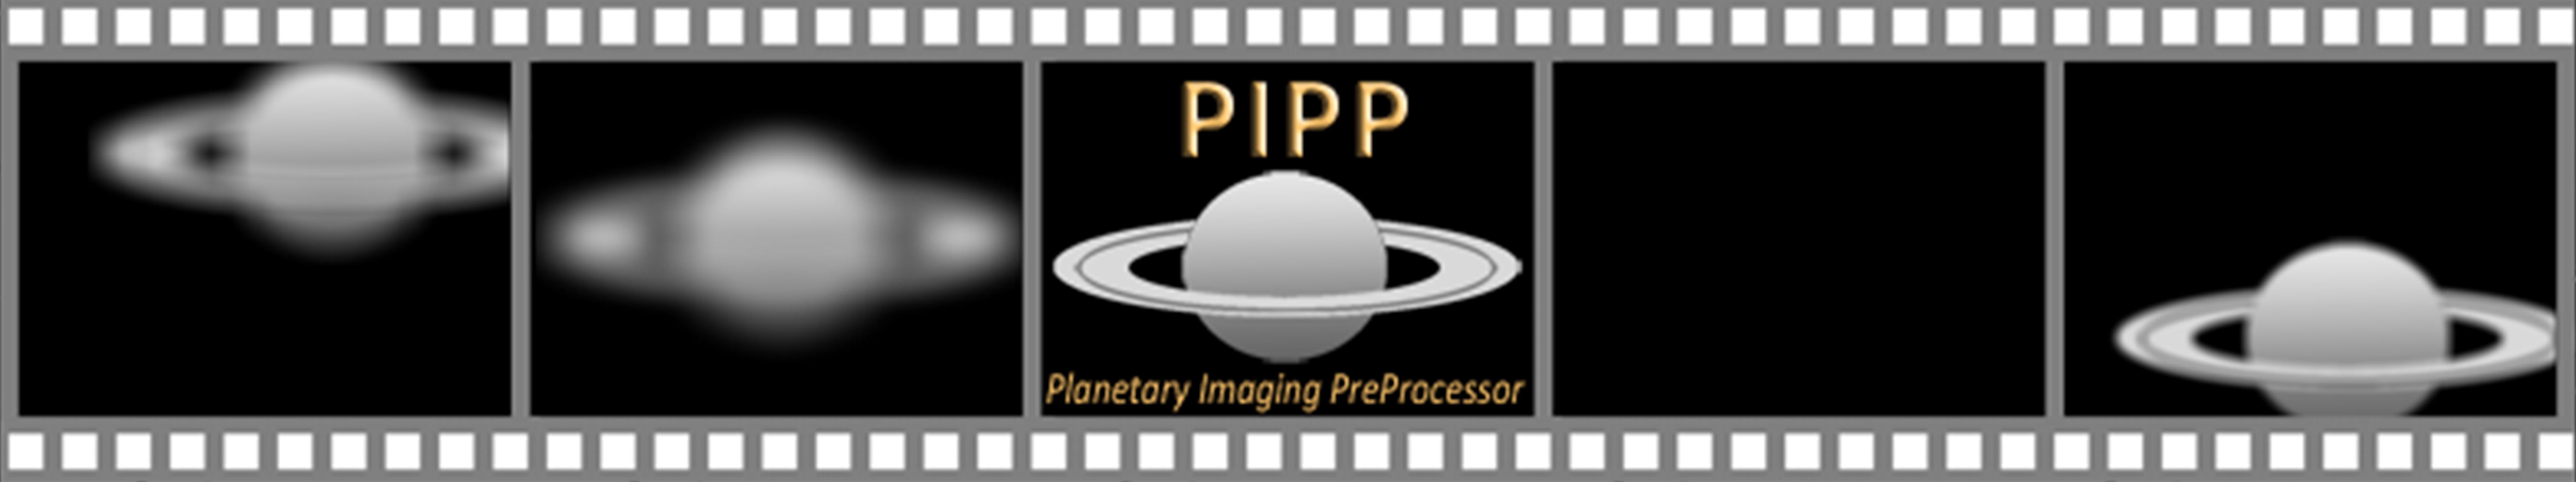 PIPP Logo